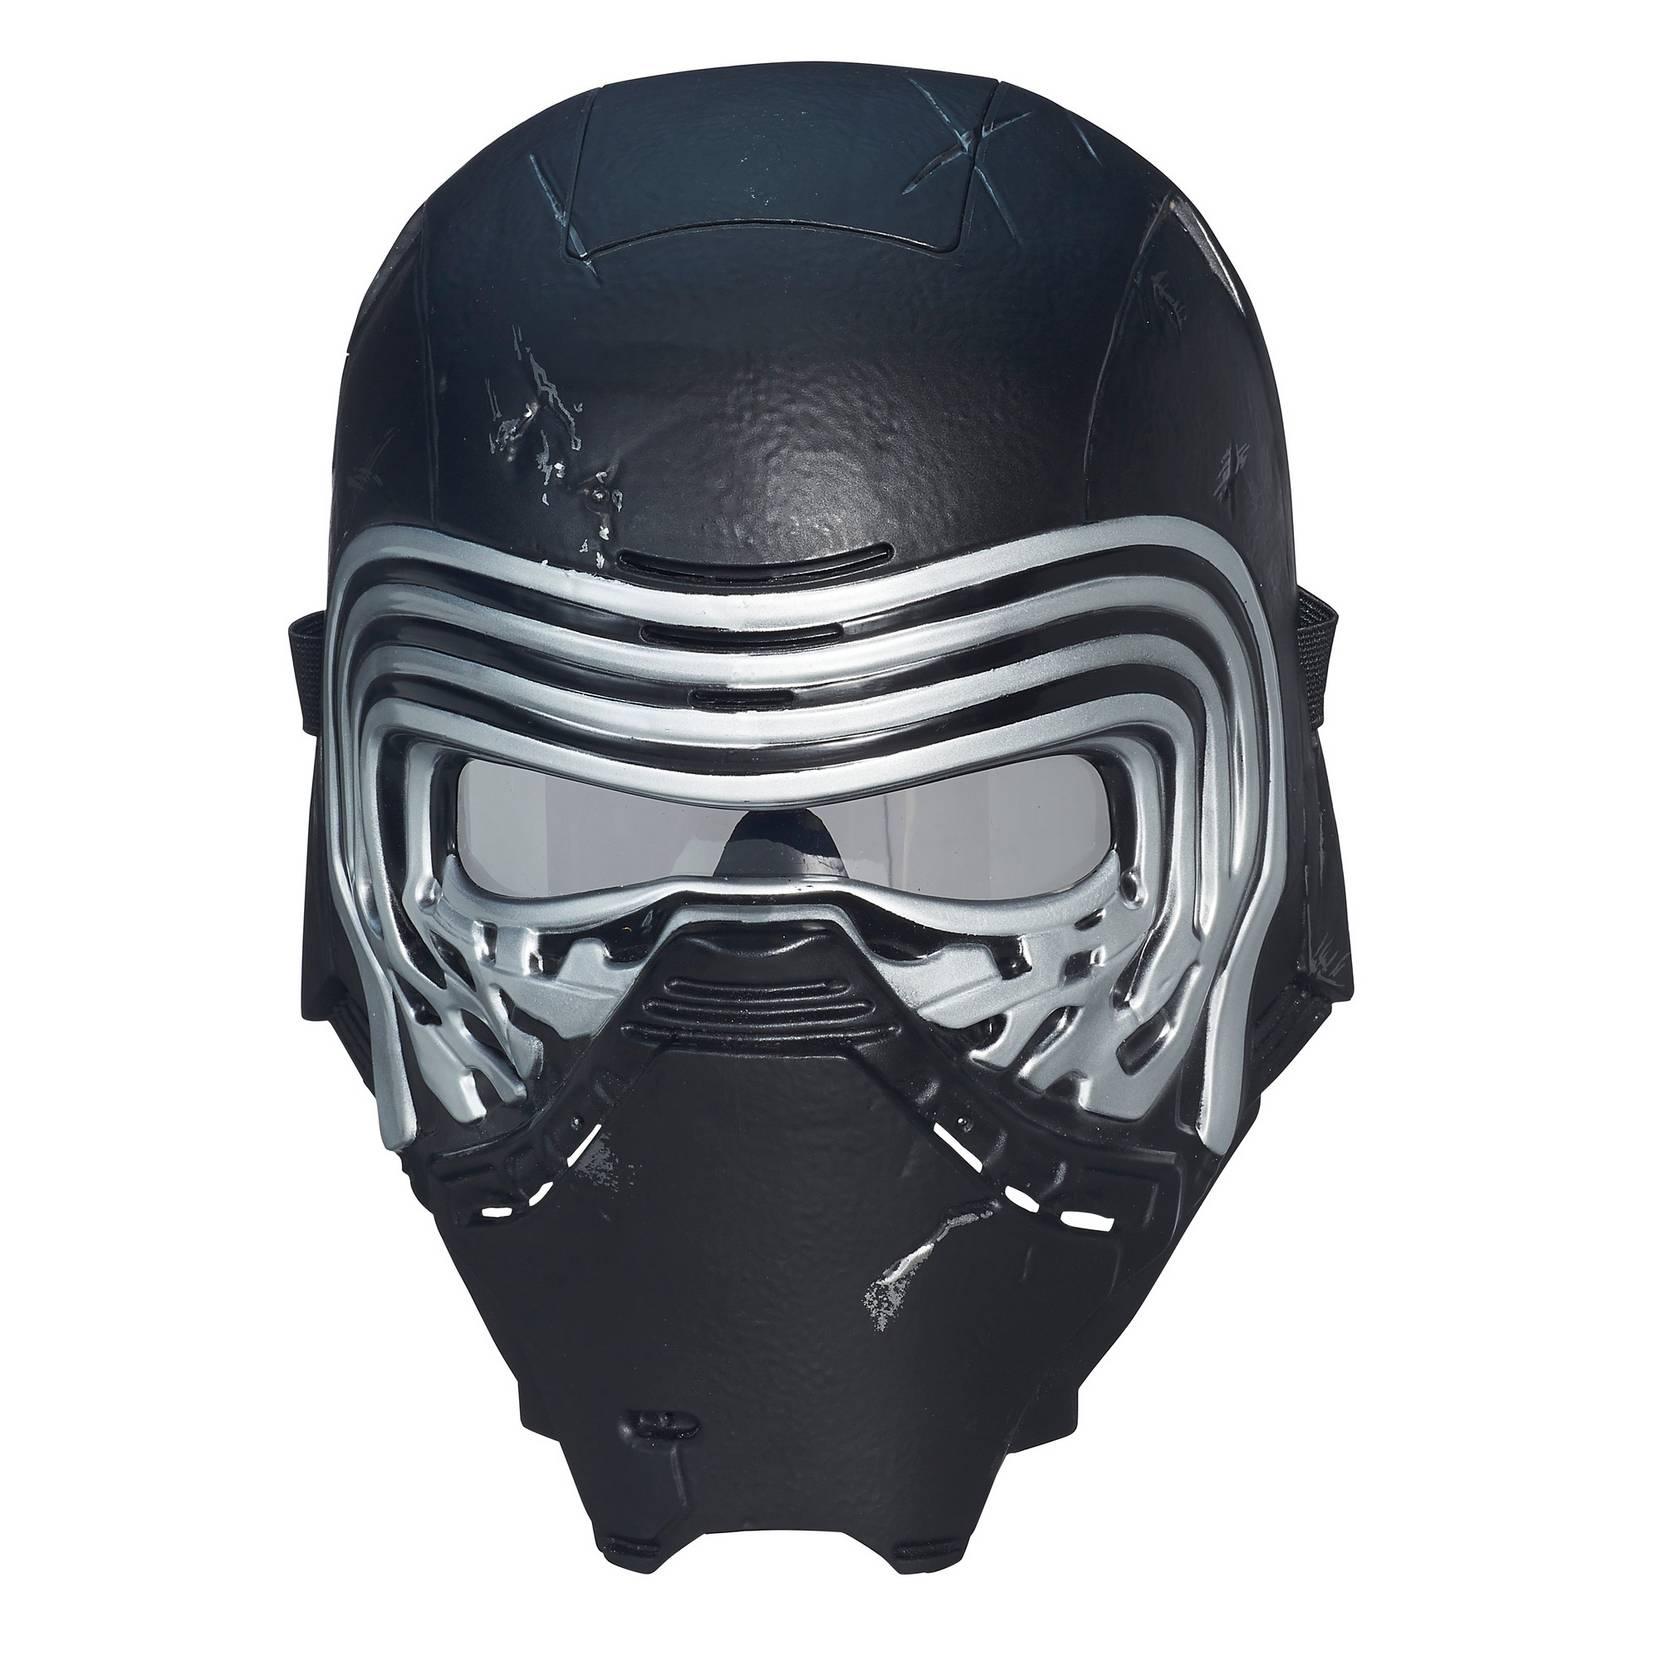 E7 Kylo Ren voice changer mask